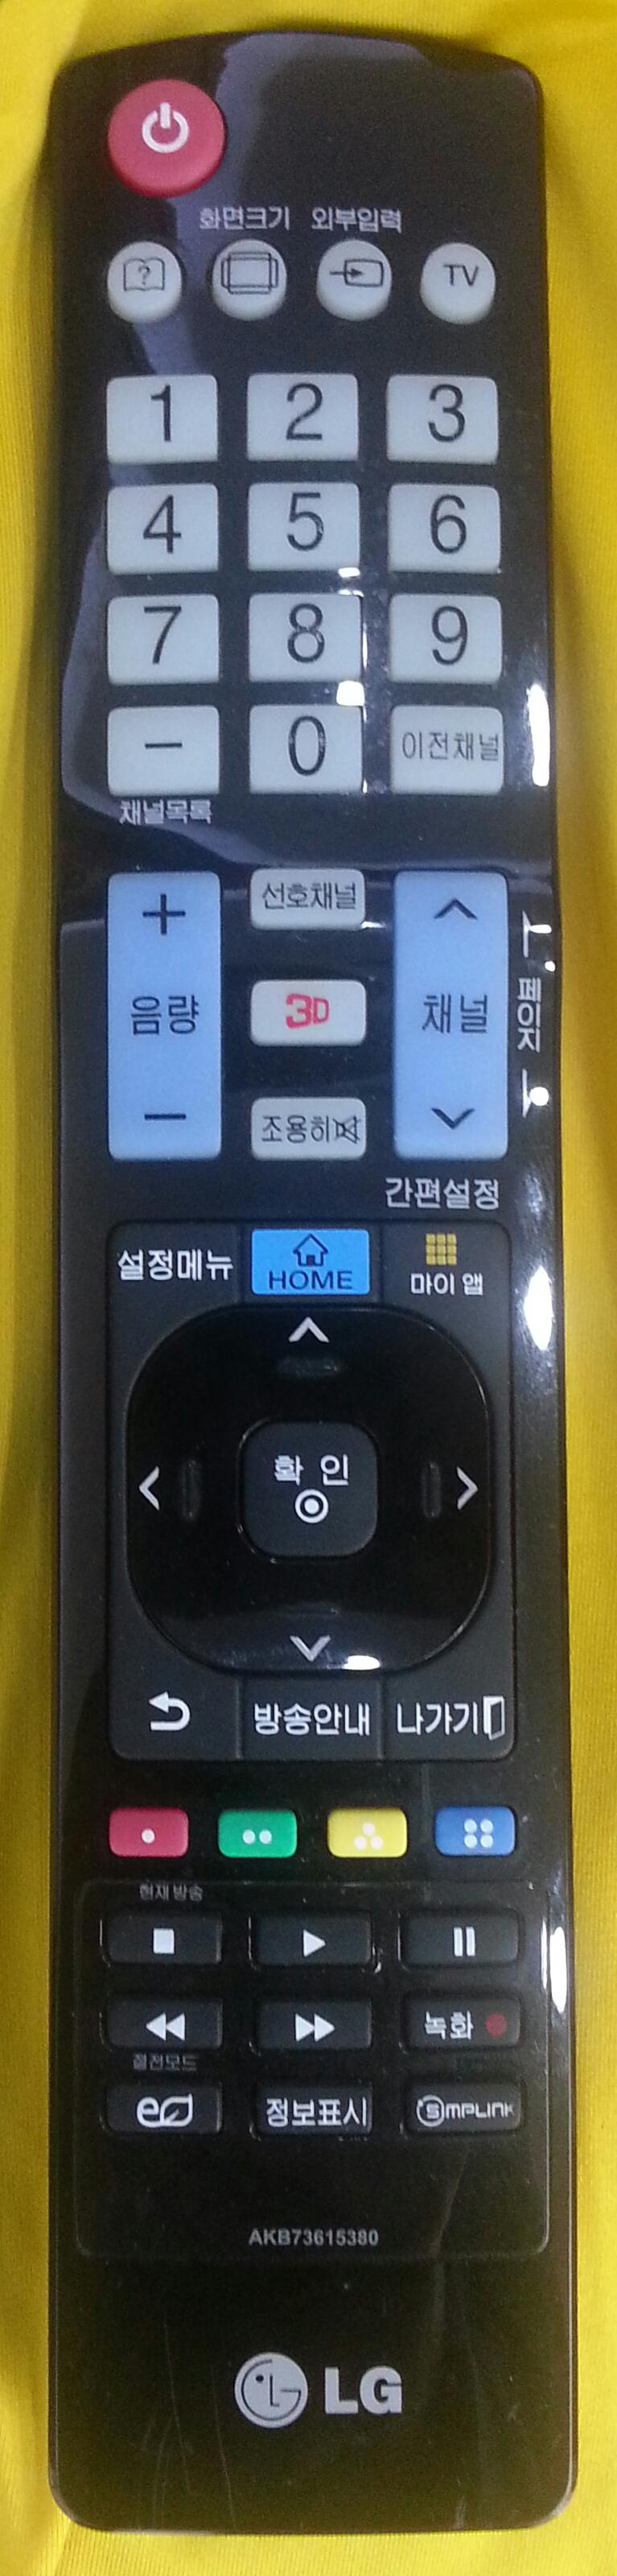 LG380.jpg